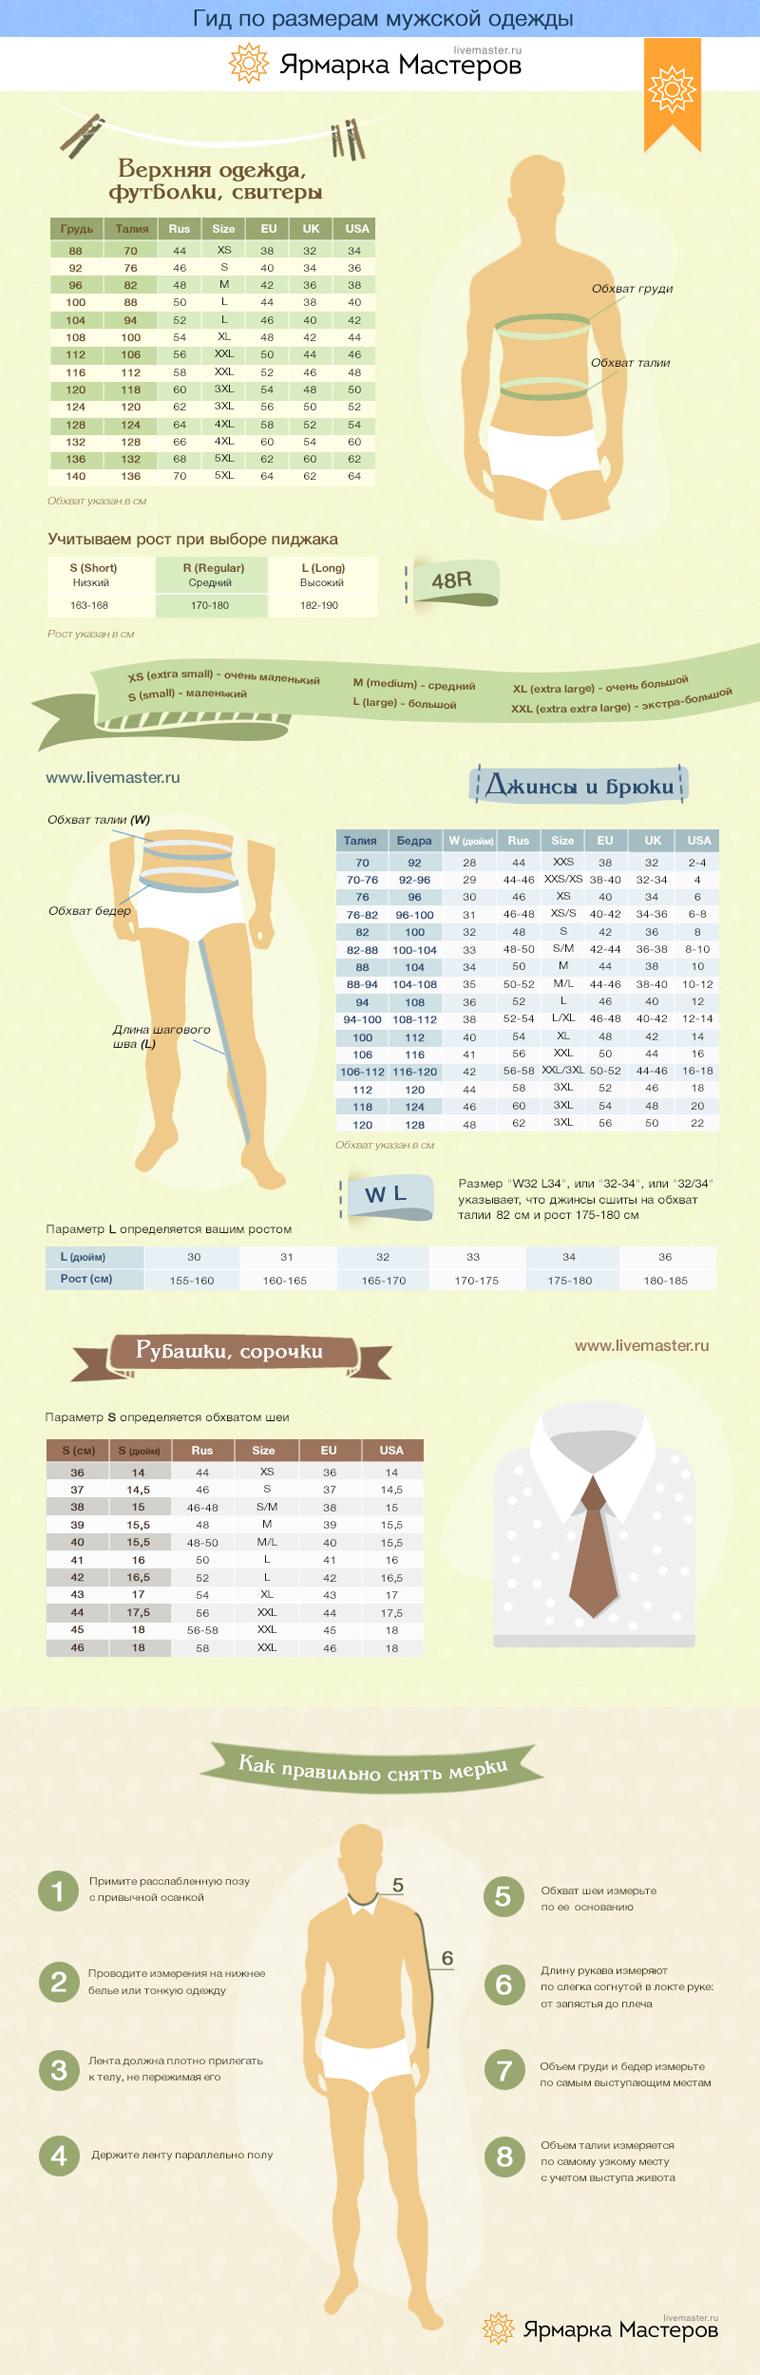 как узнать размер одежды, размеры мужской одежды, как выбрать пиджак, как узнать размер рубашки, размеры мужских джинсов